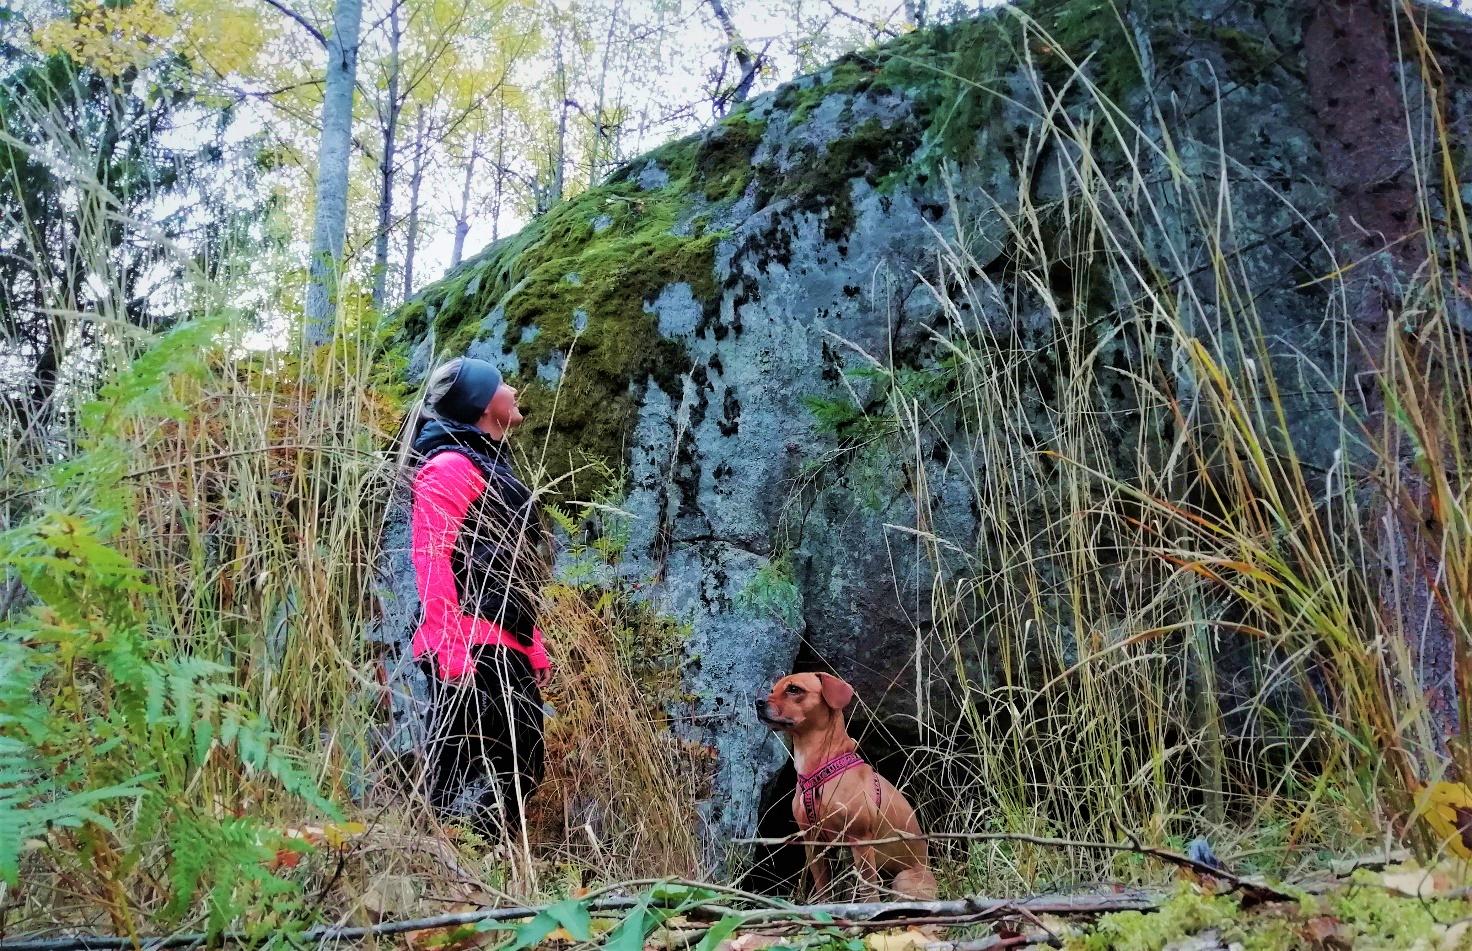 Nainen ja koira metsälenkillä suuren kallion vieressä.